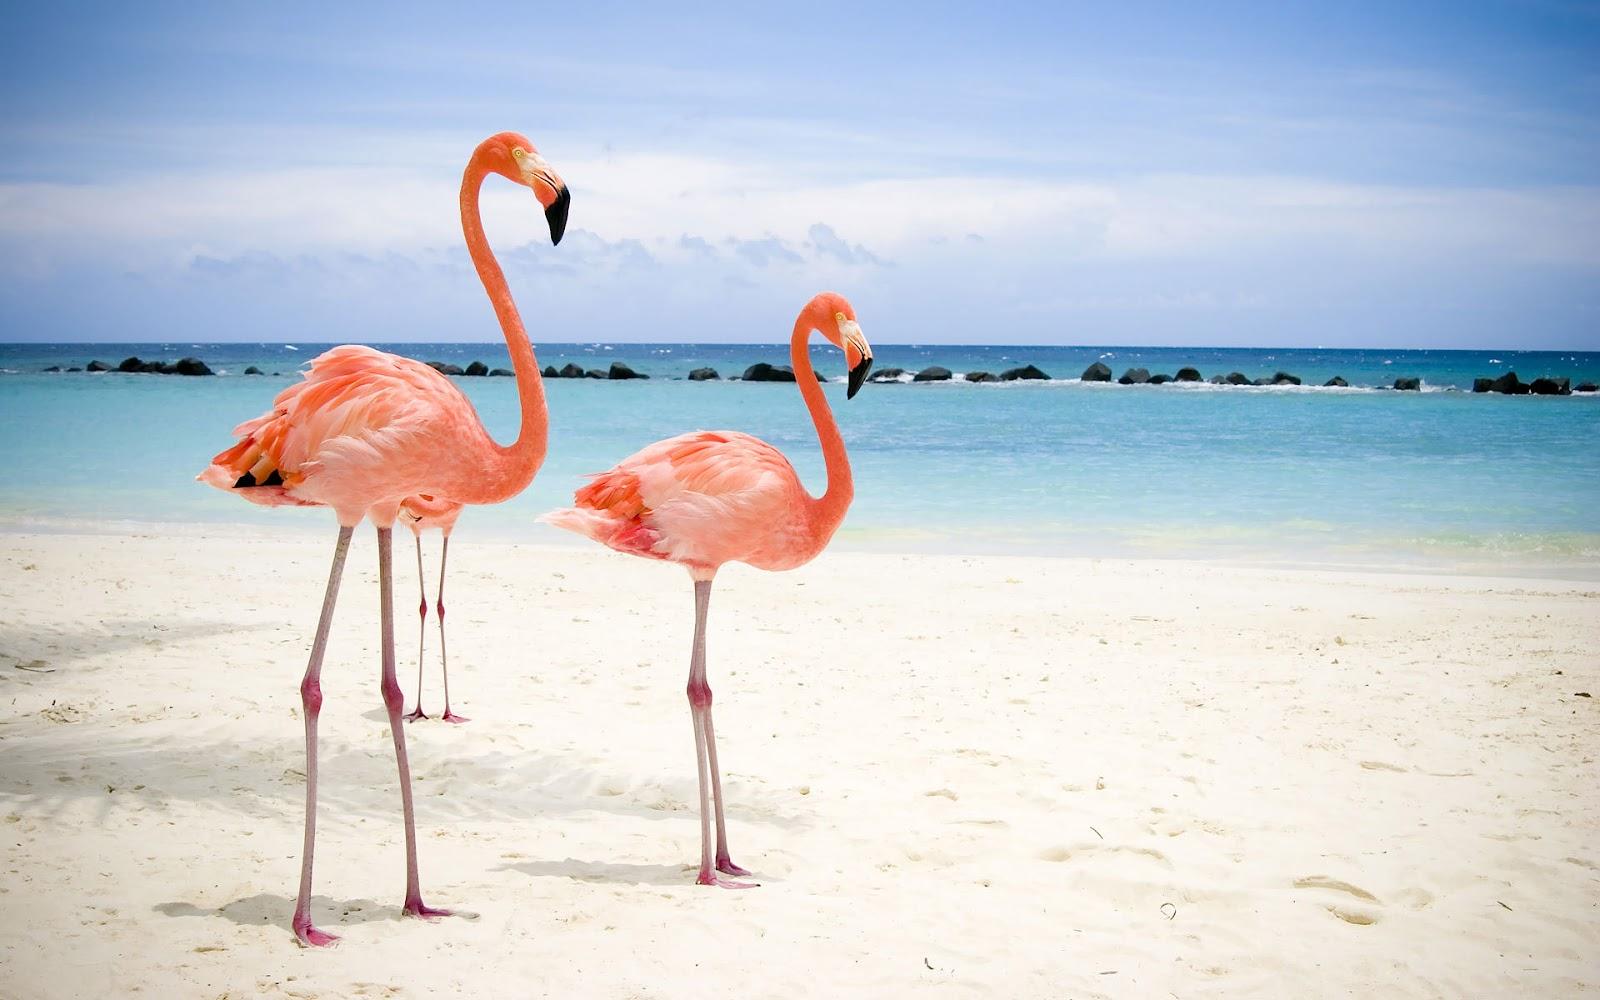 http://1.bp.blogspot.com/-9-OhOh09JQw/T_3nU7cahjI/AAAAAAAAB0Q/BY58kQcClk0/s1600/vogels-achtergrond-twee-roze-flamingos-op-het-strand-bij-de-zee-hd-wallpaper.jpg